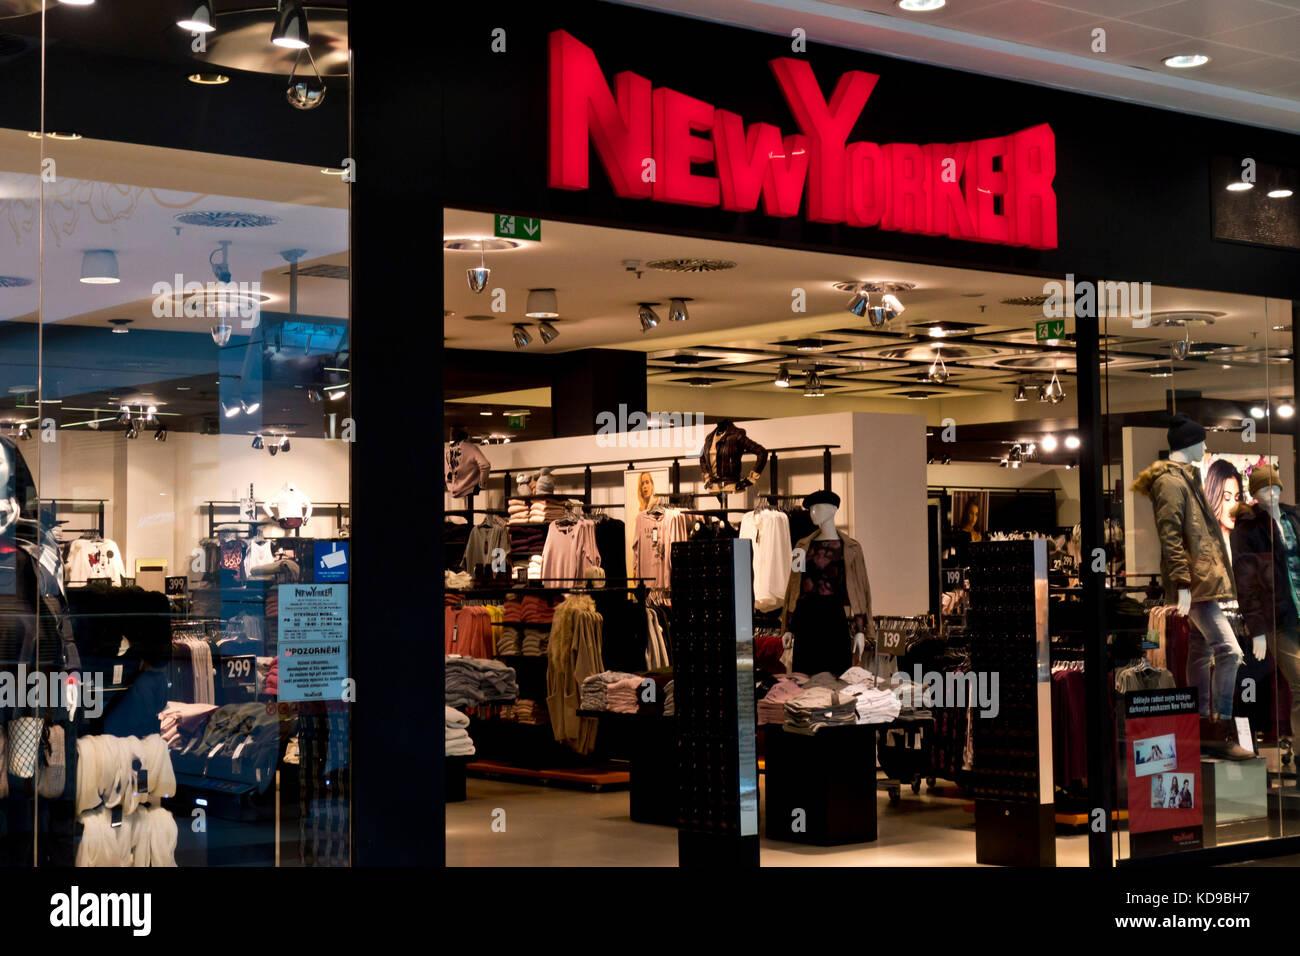 new yorker fashion stockfotos und -bilder kaufen - alamy